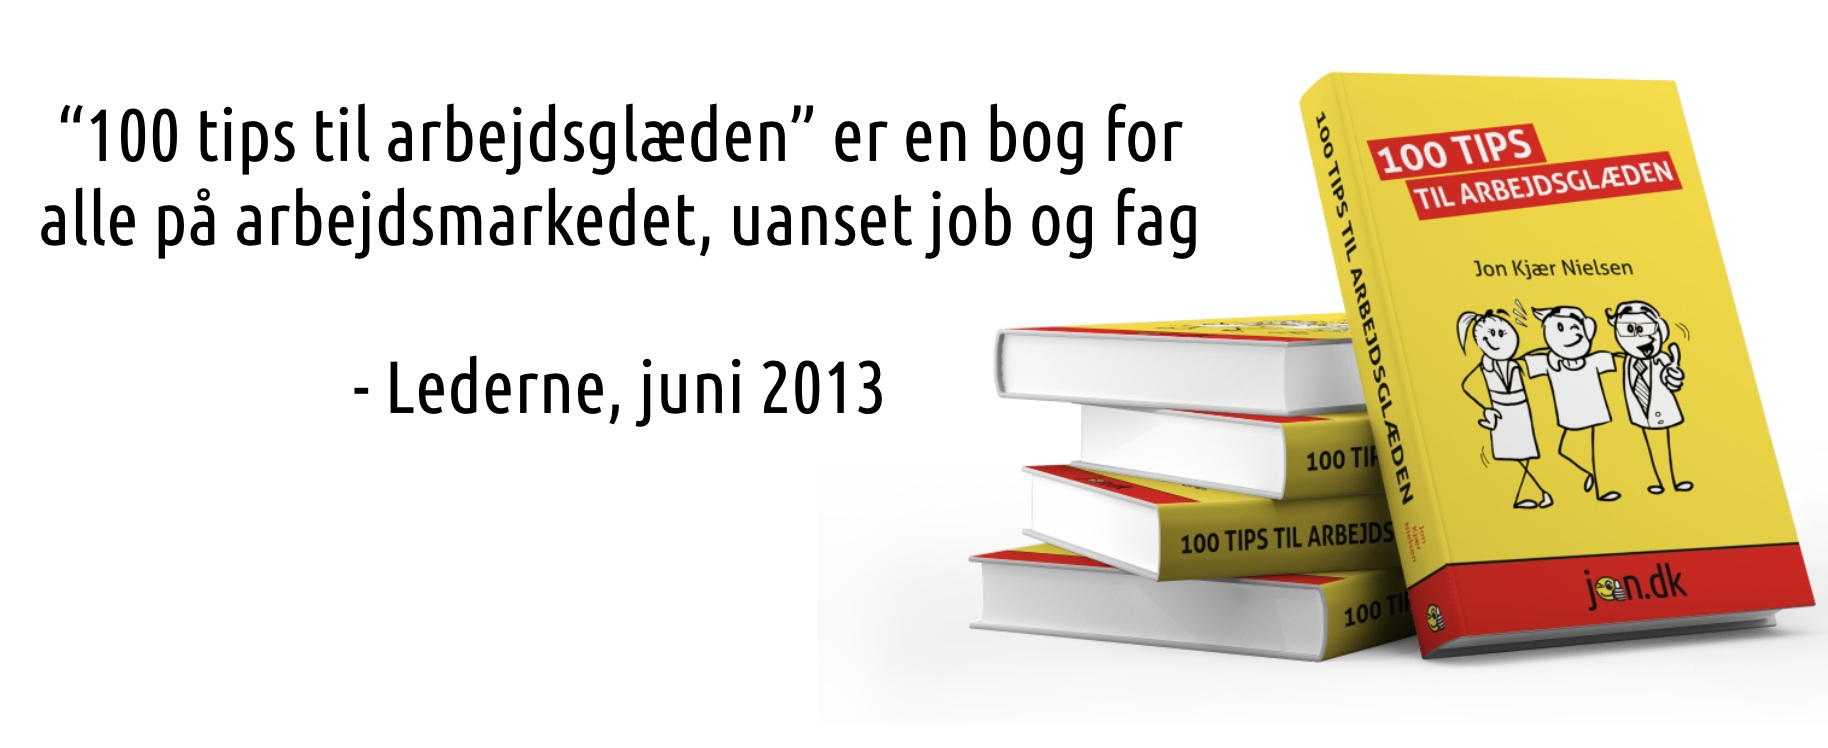 Bogen 100 tips til arbejdsglæden, af Jon Kjær Nielsen